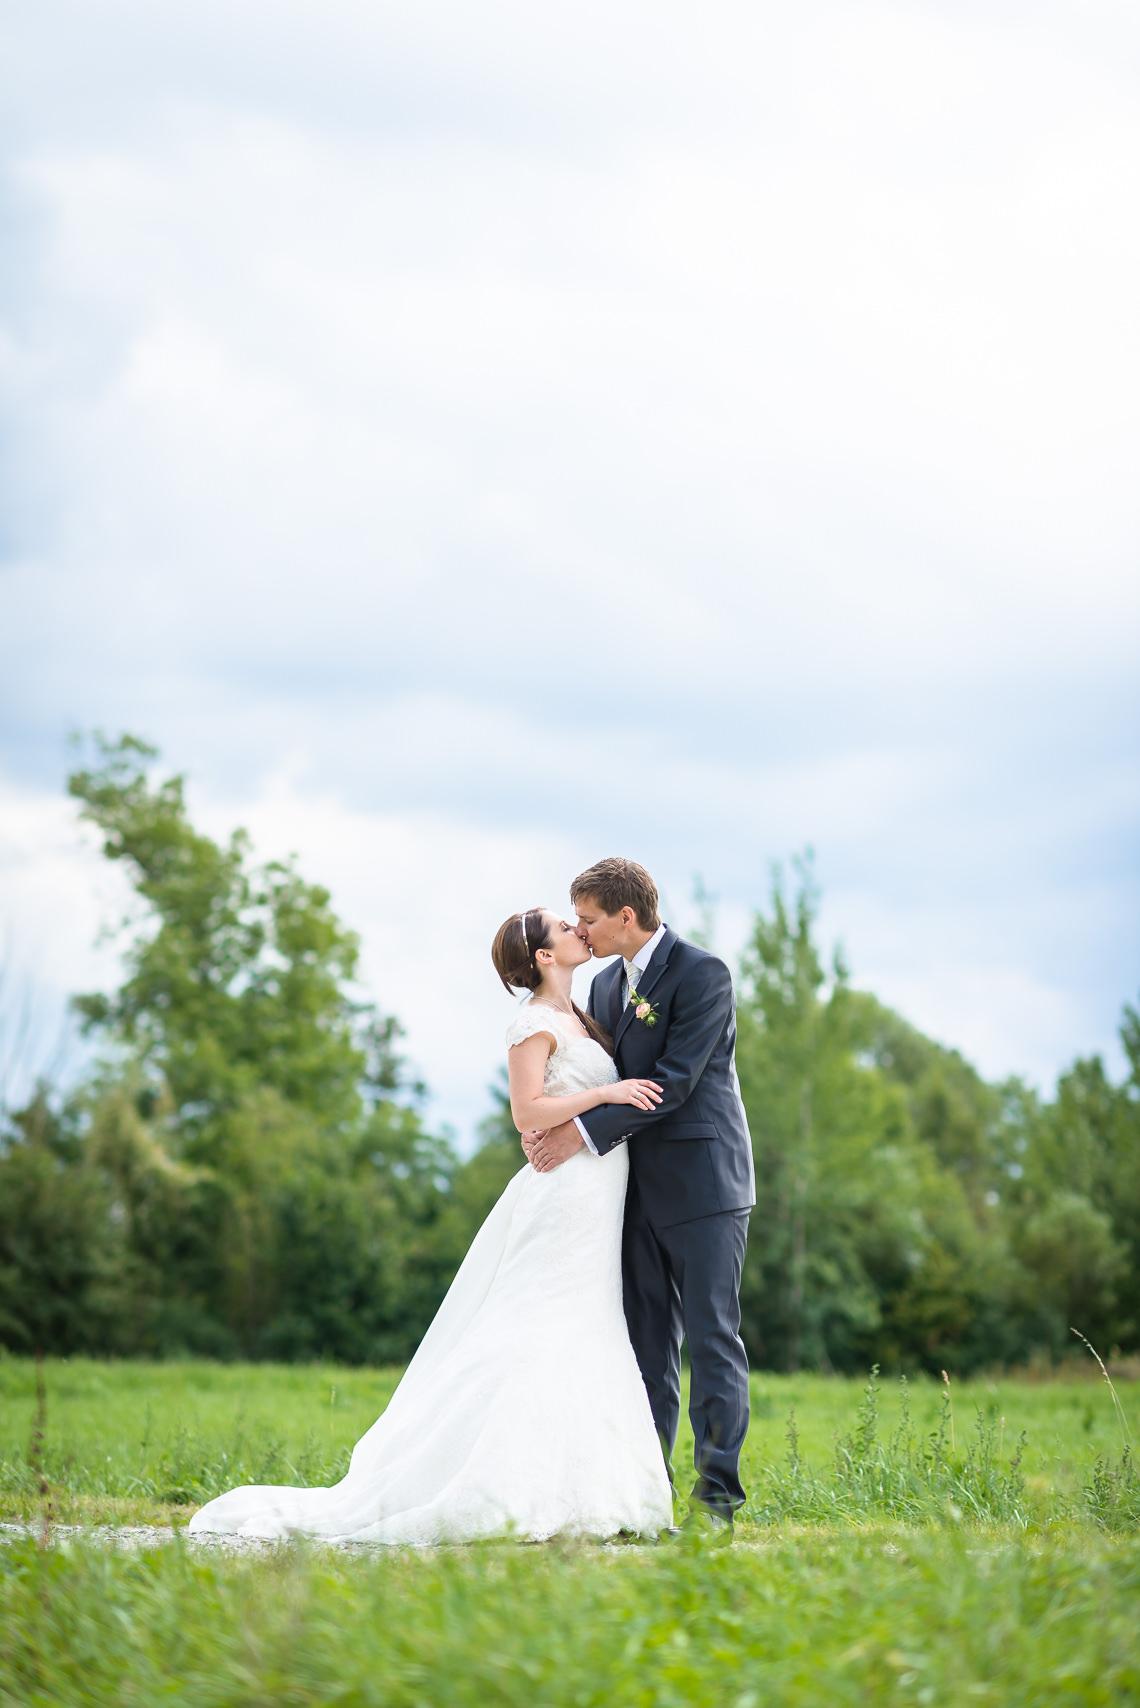 0029_20150904_CKE_2787_Hochzeit_Janine_Michael_